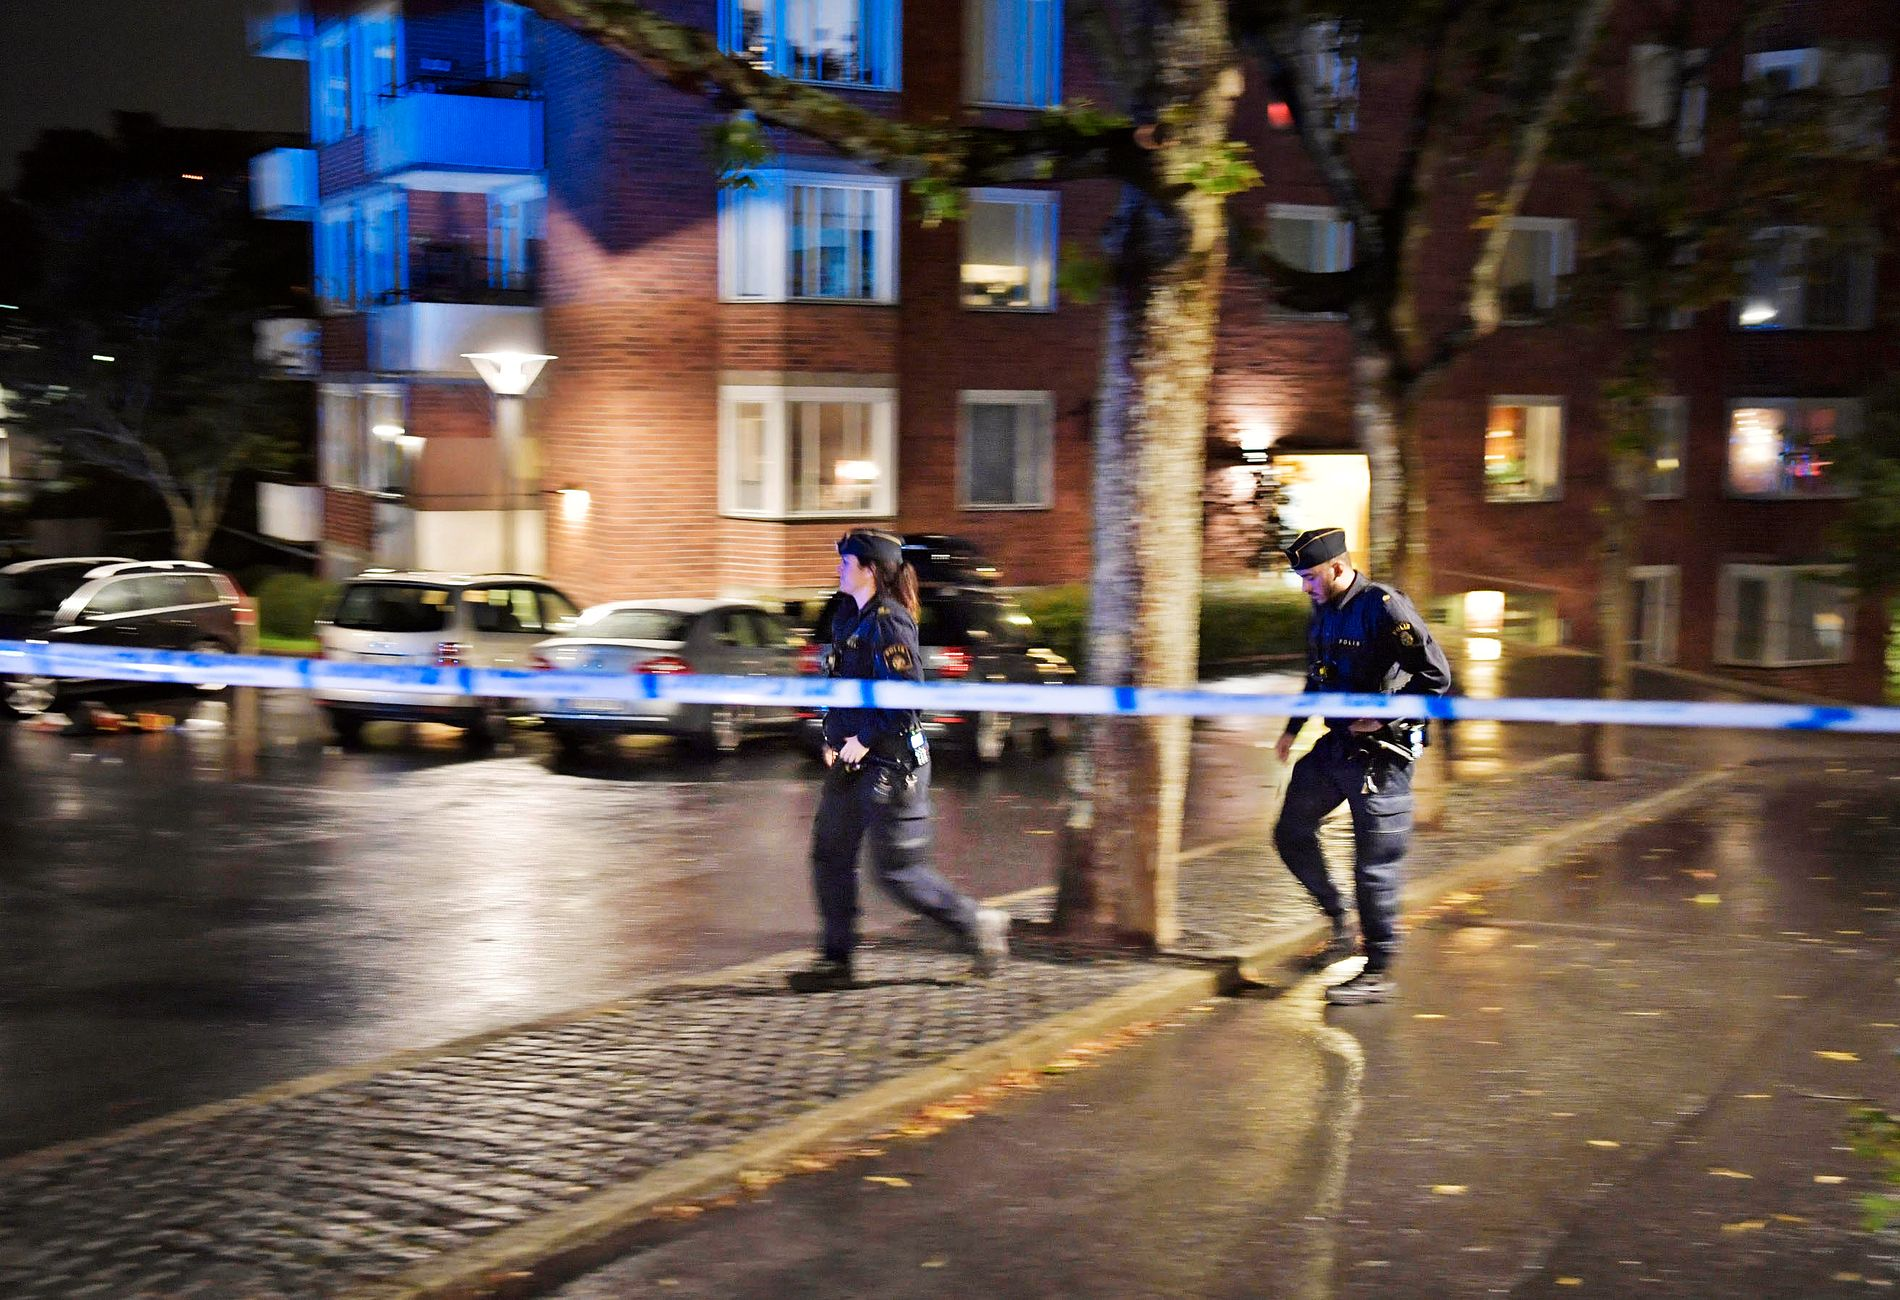 JAKTER GJERNINGSMANN: Én person ble fredag kveld skutt sør i Stockholm, melder den svenske avisen Aftonbladet.